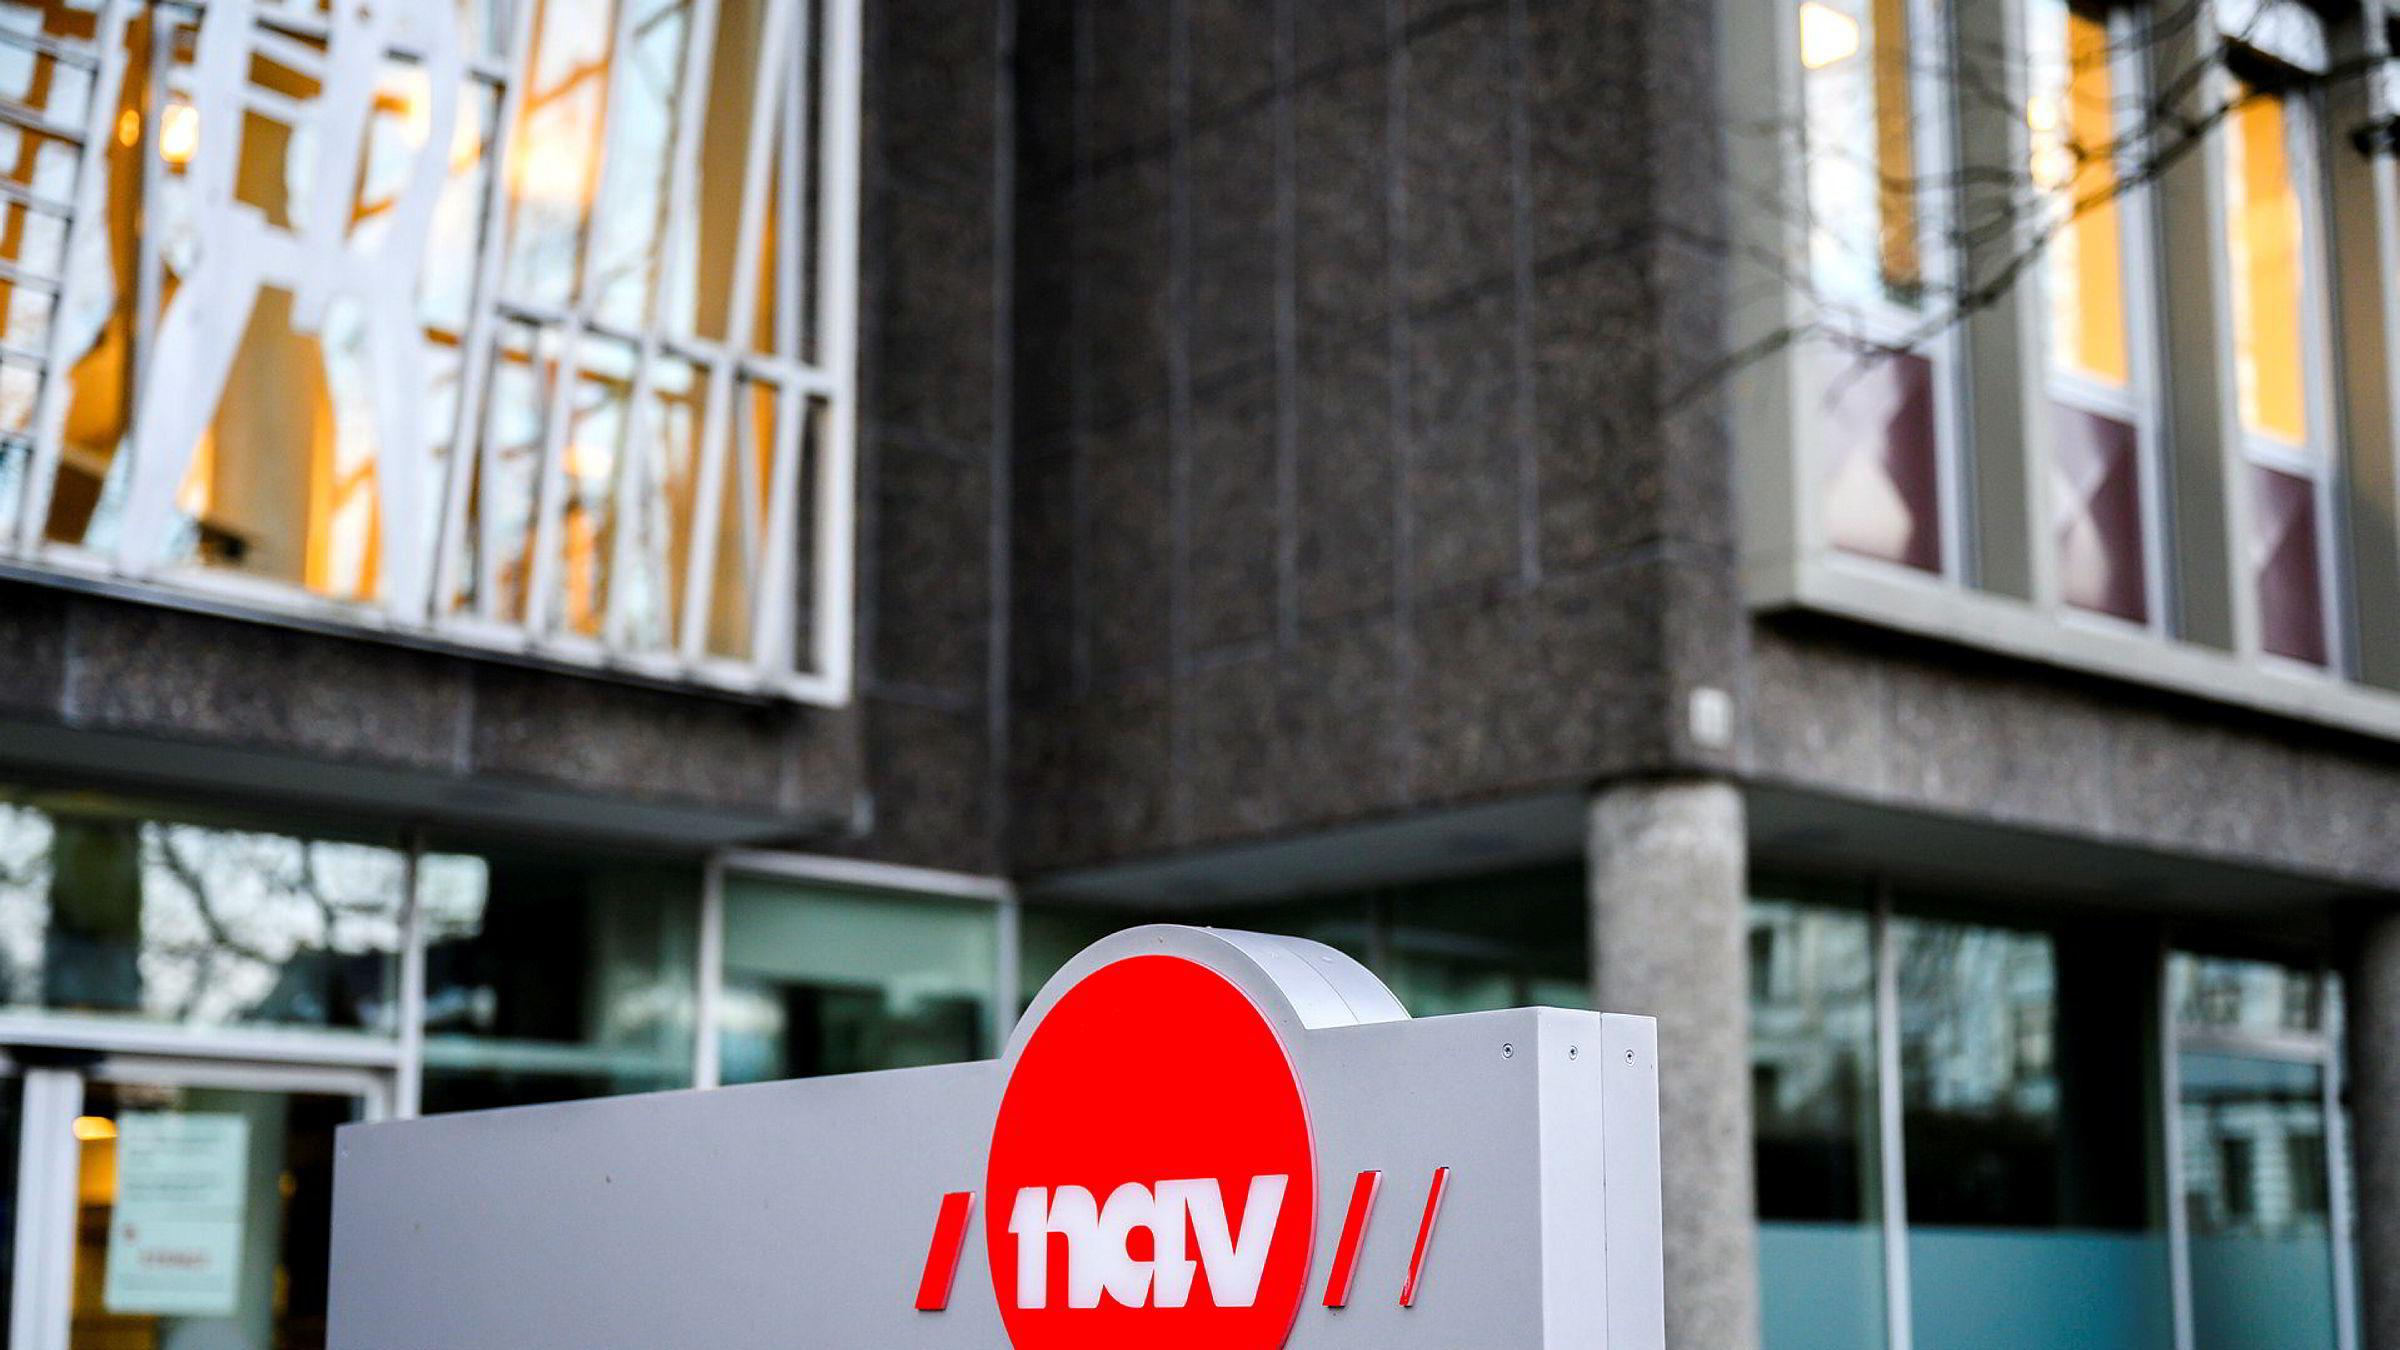 De dømte Nav-brukerne har hatt forbrytersk hensikt overfor det de trodde var regelen, skriver Gøril Bjerkan.